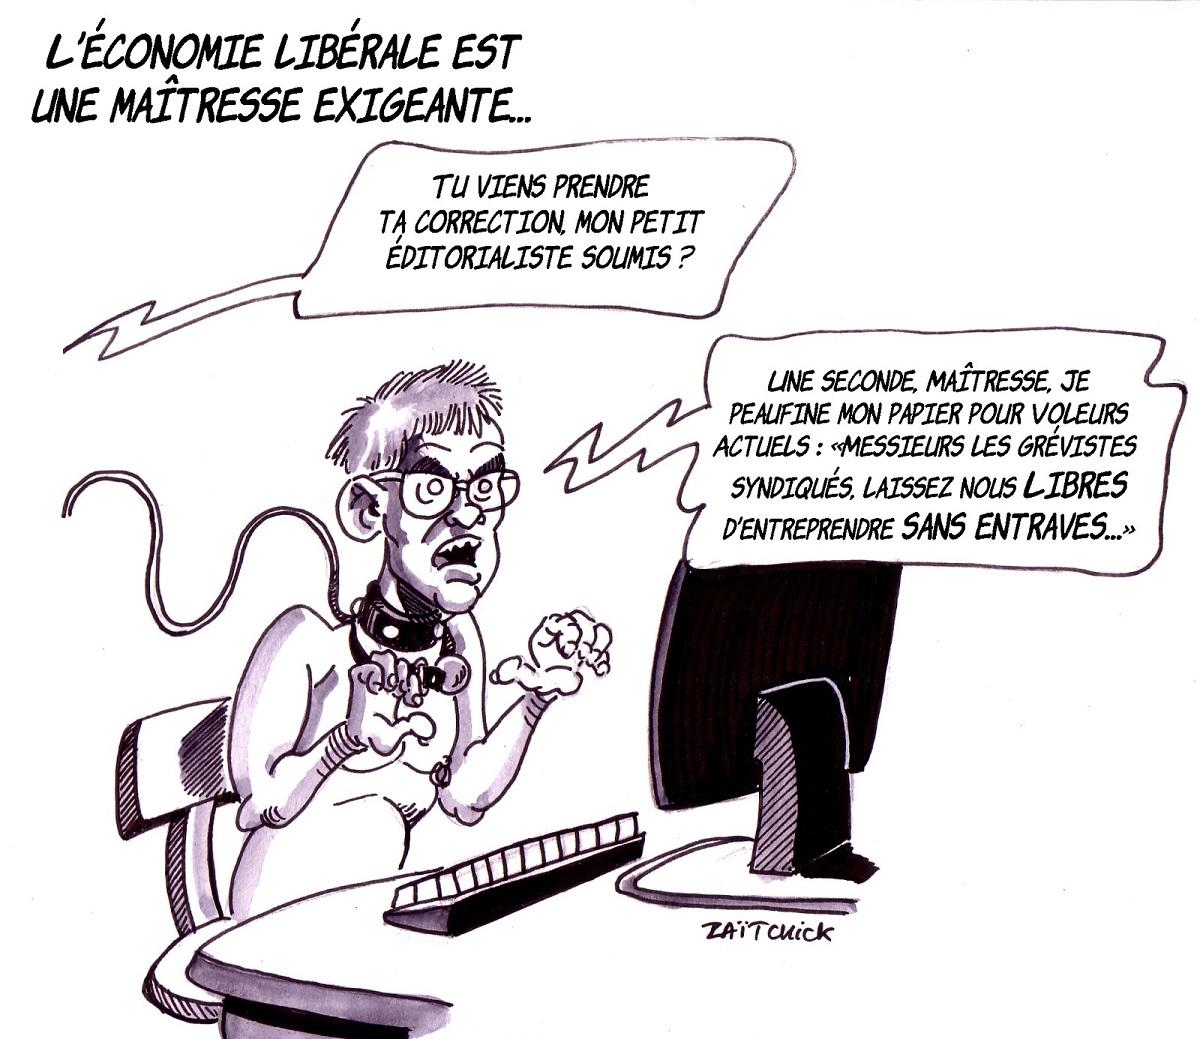 dessin d'actualité montrant un éditorialiste soumis à l'économie libérale